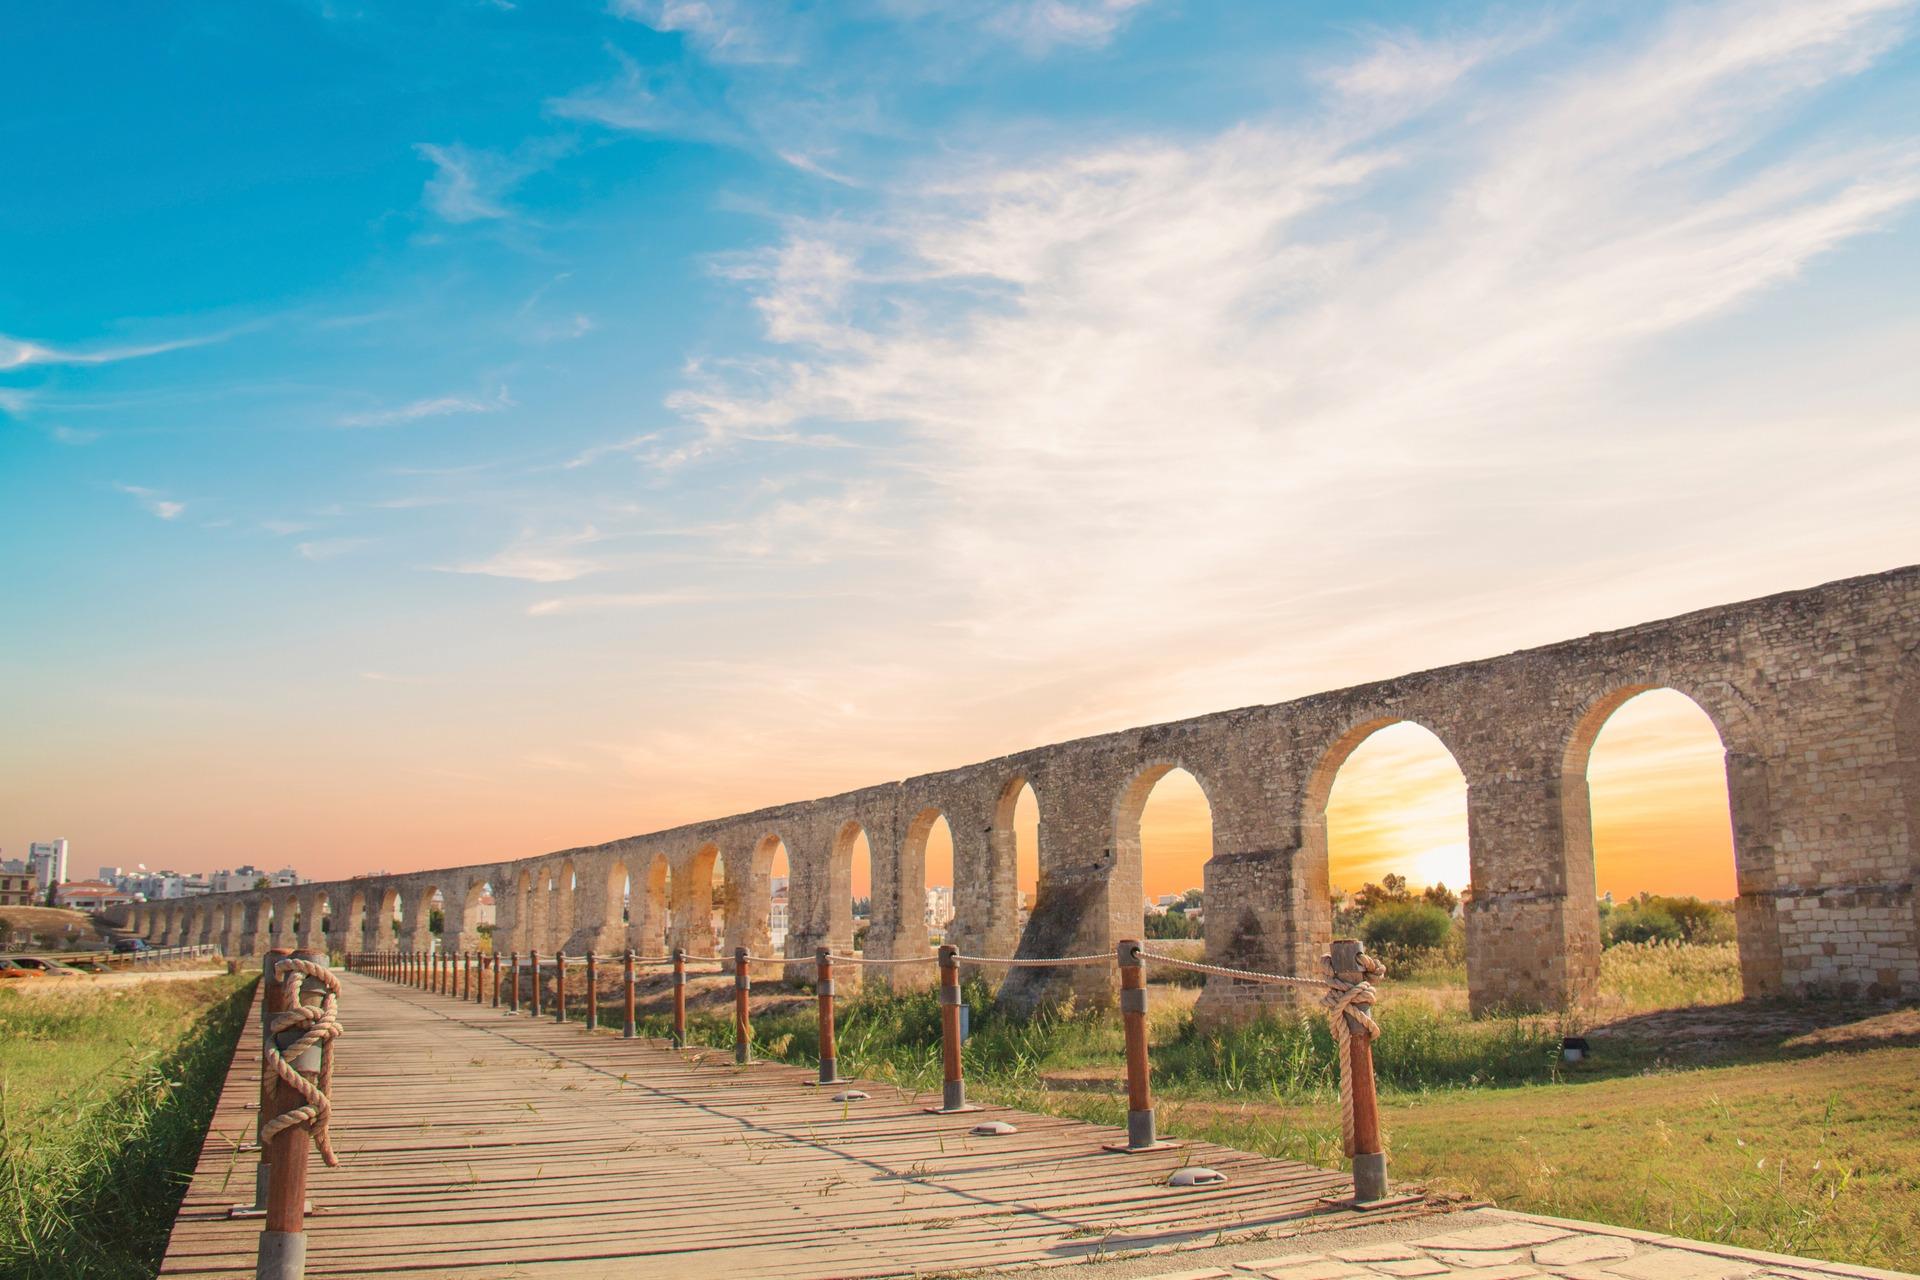 Kamares Aqueduct in Larnaca, Cyprus